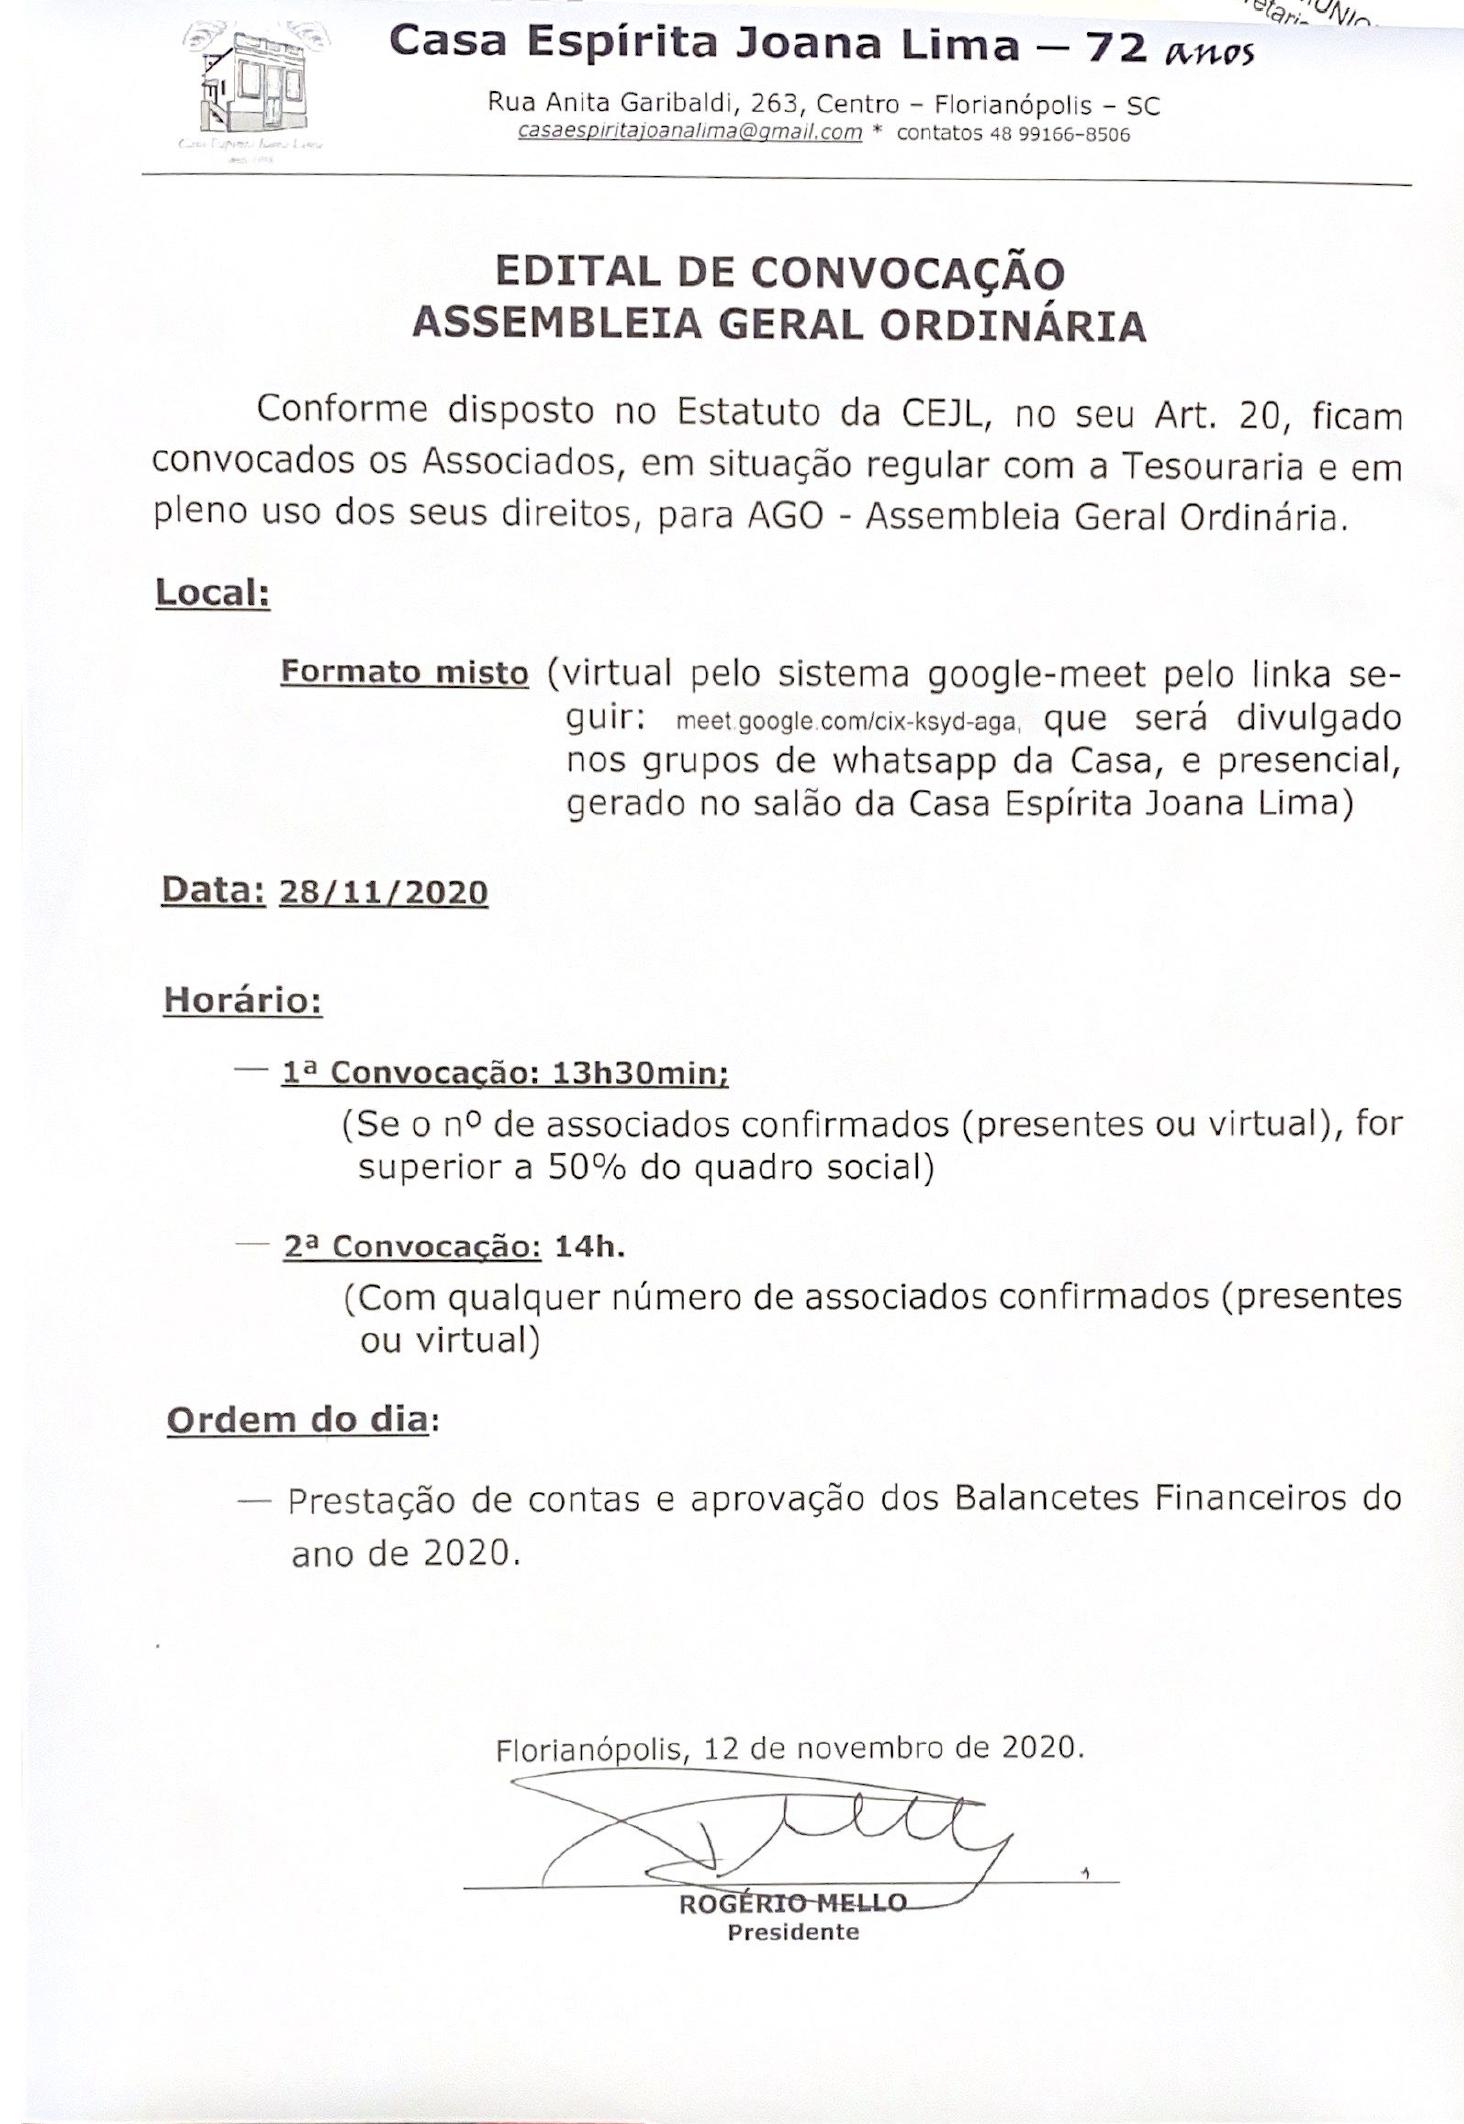 EDITAL DE CONVOCAÇÃO | ASSEMBLEIA GERAL ORDINÁRIA